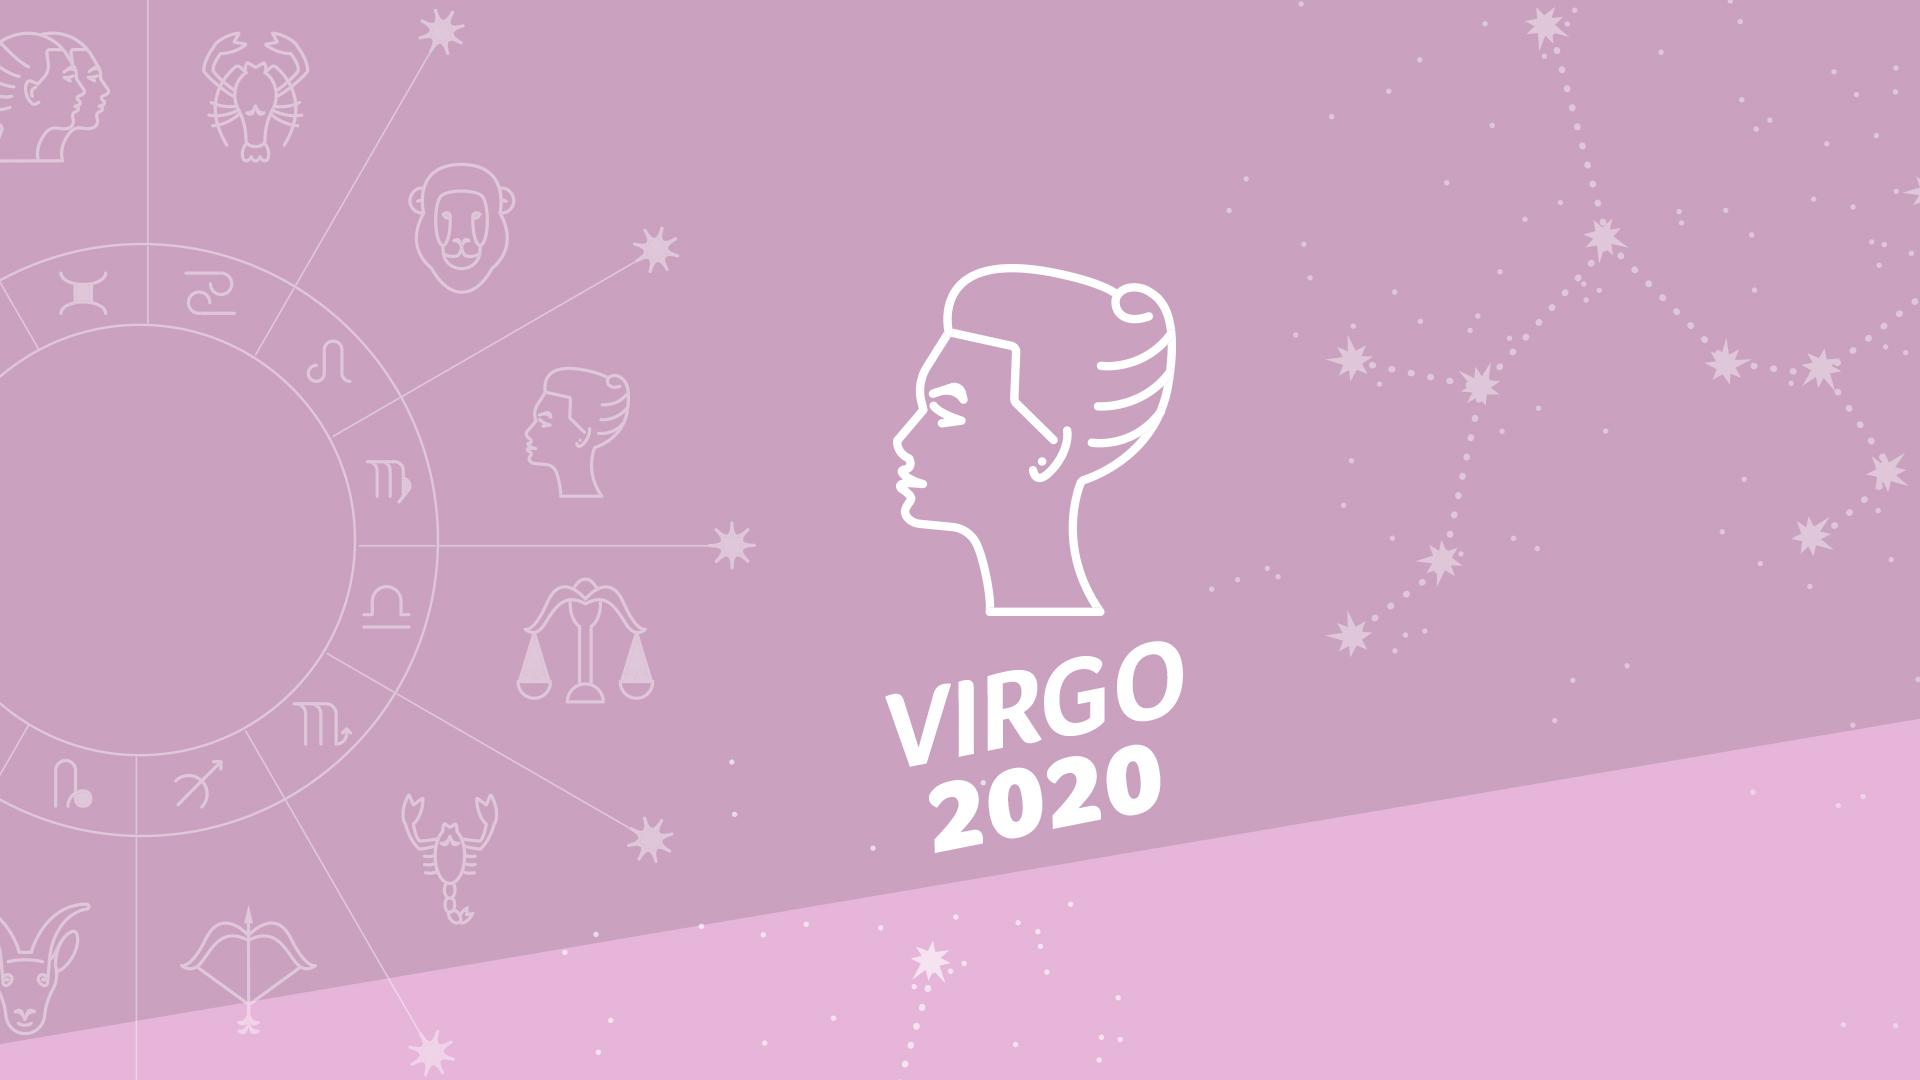 Horóscopo De Virgo 2020 éxitos Laborales Y Amorosos